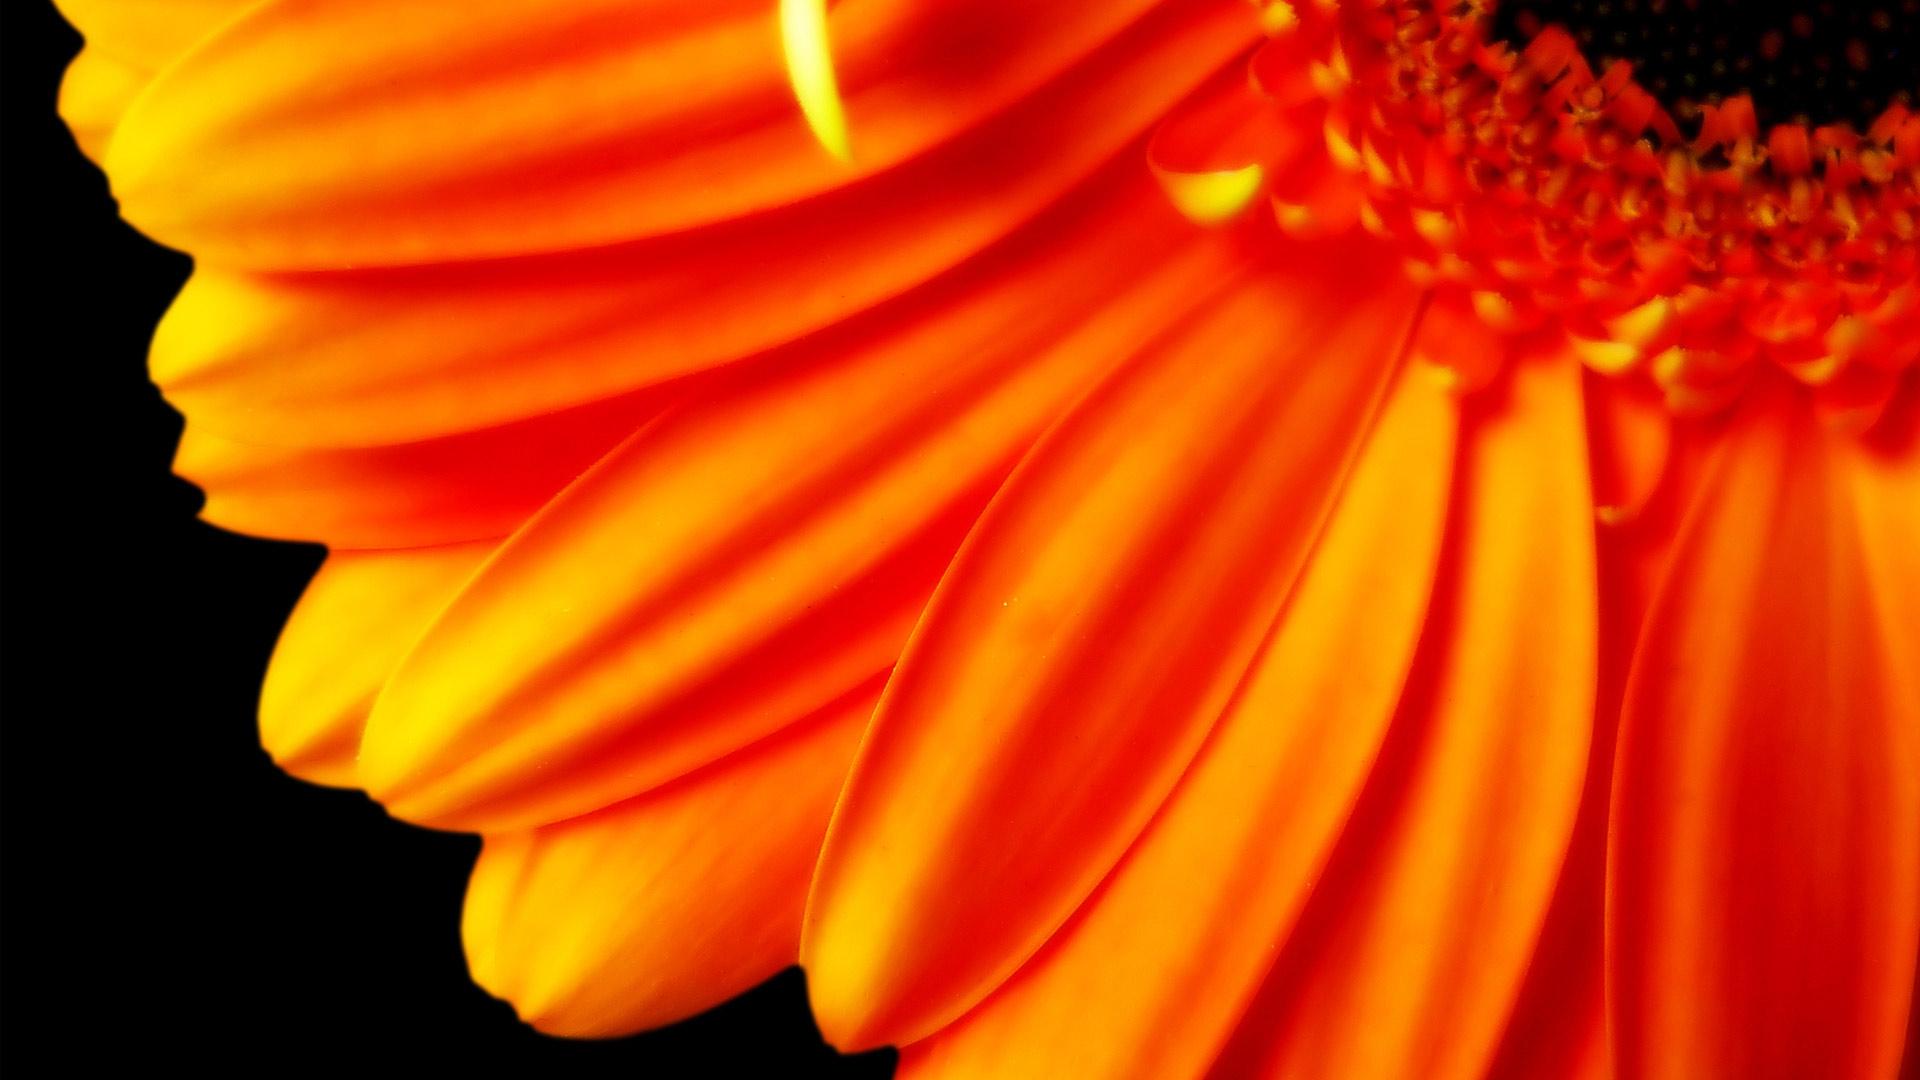 orange flower hd images